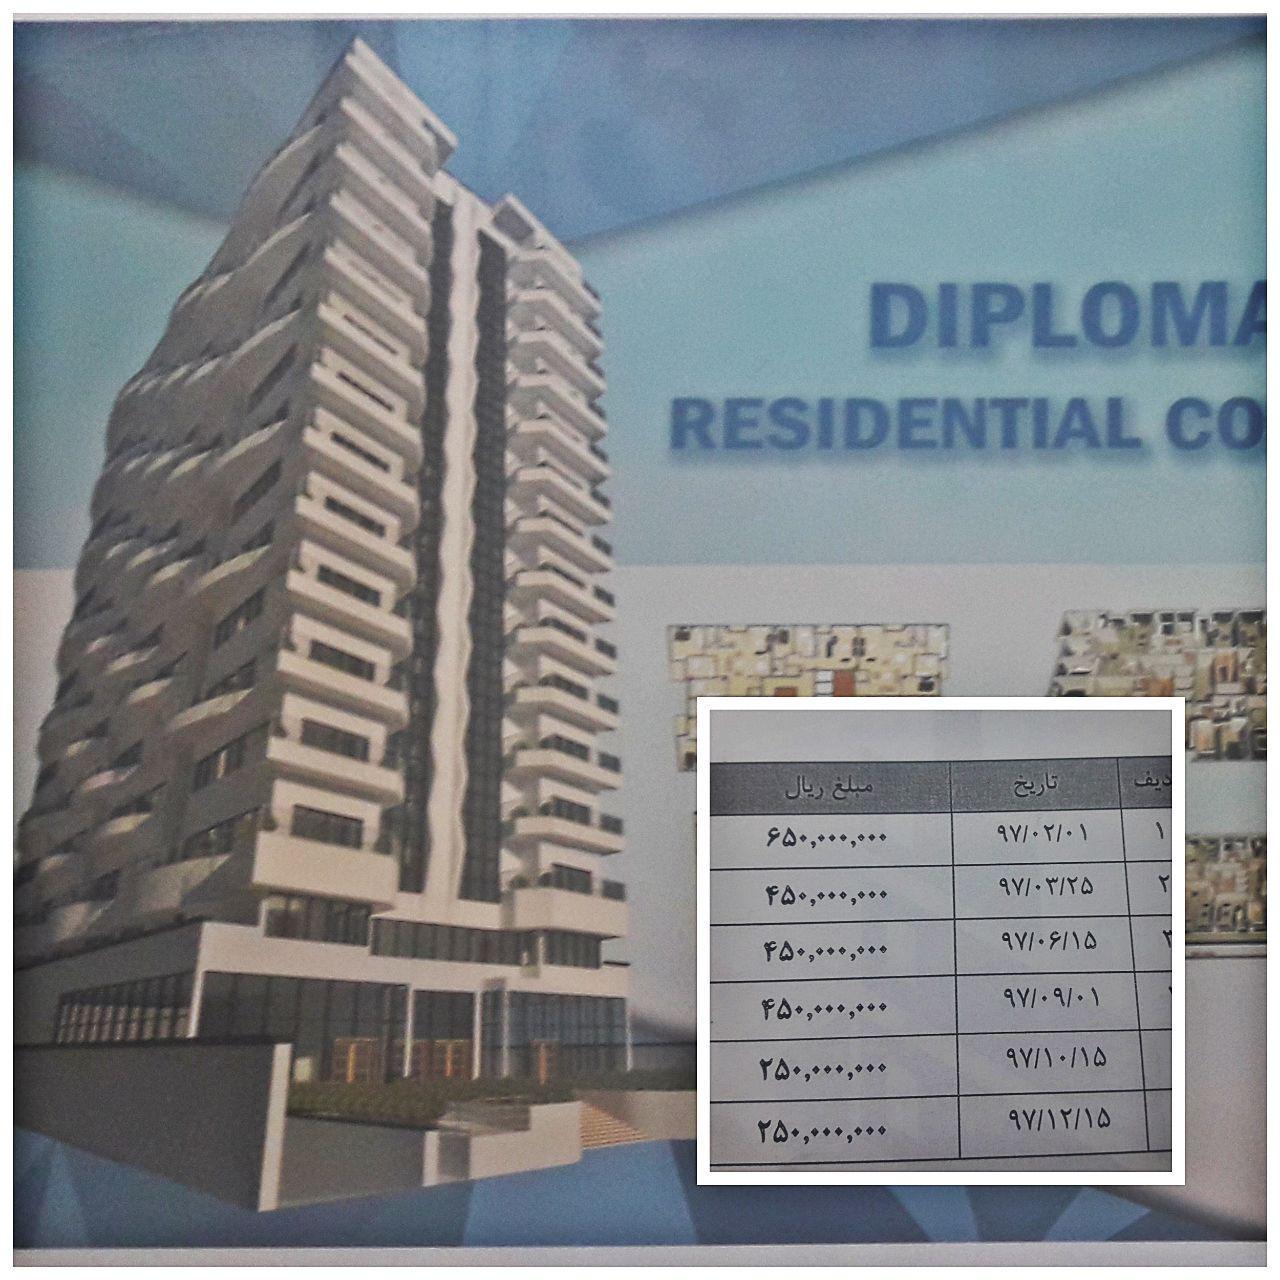 پروژه دیپلمات تعاونی سپاشهر